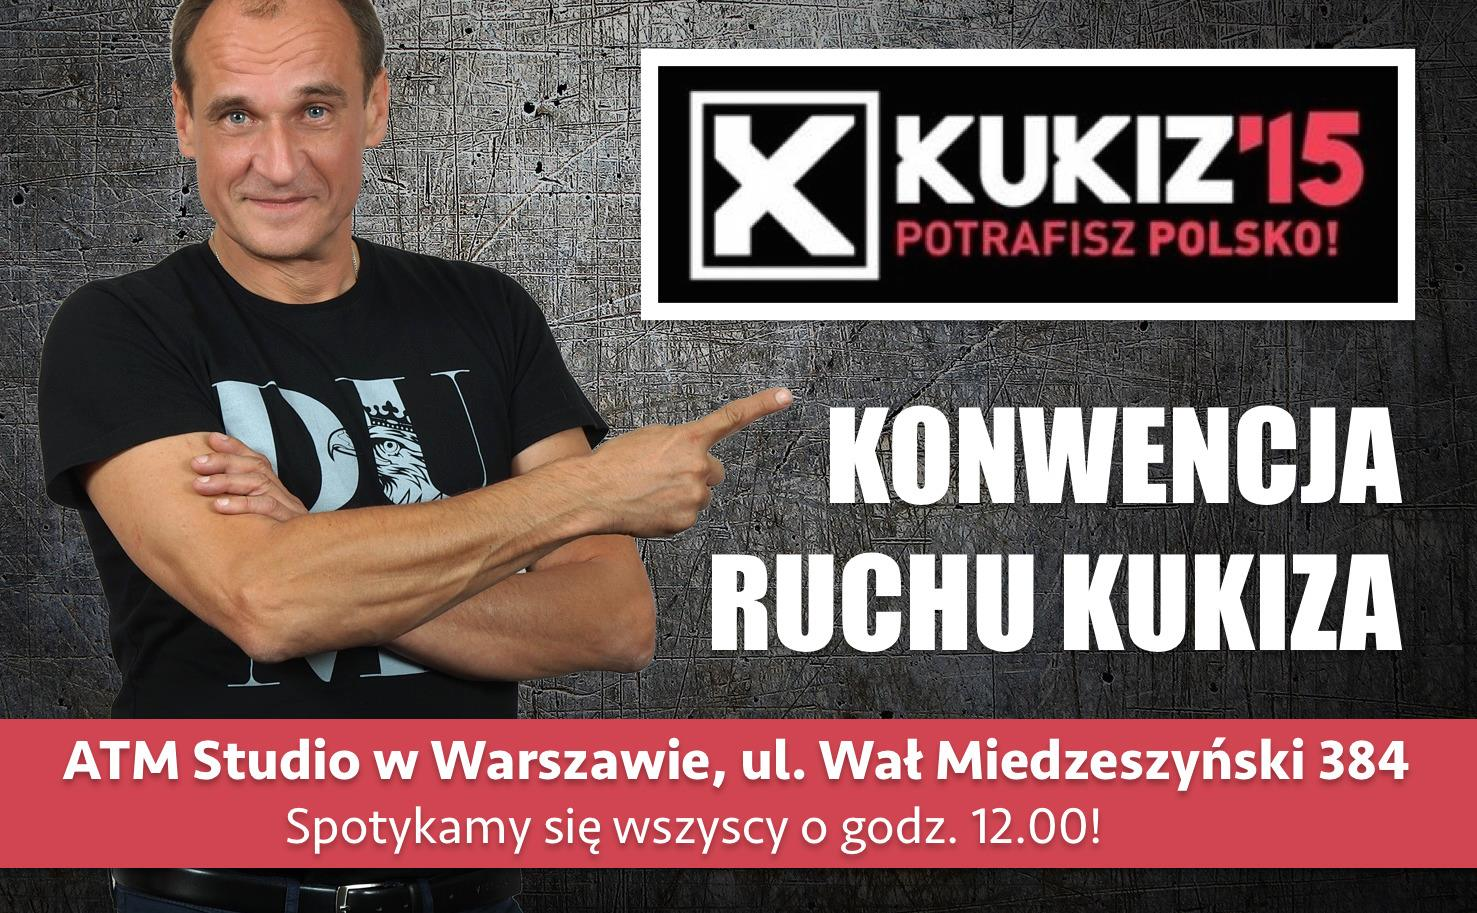 konwencja Kukiz